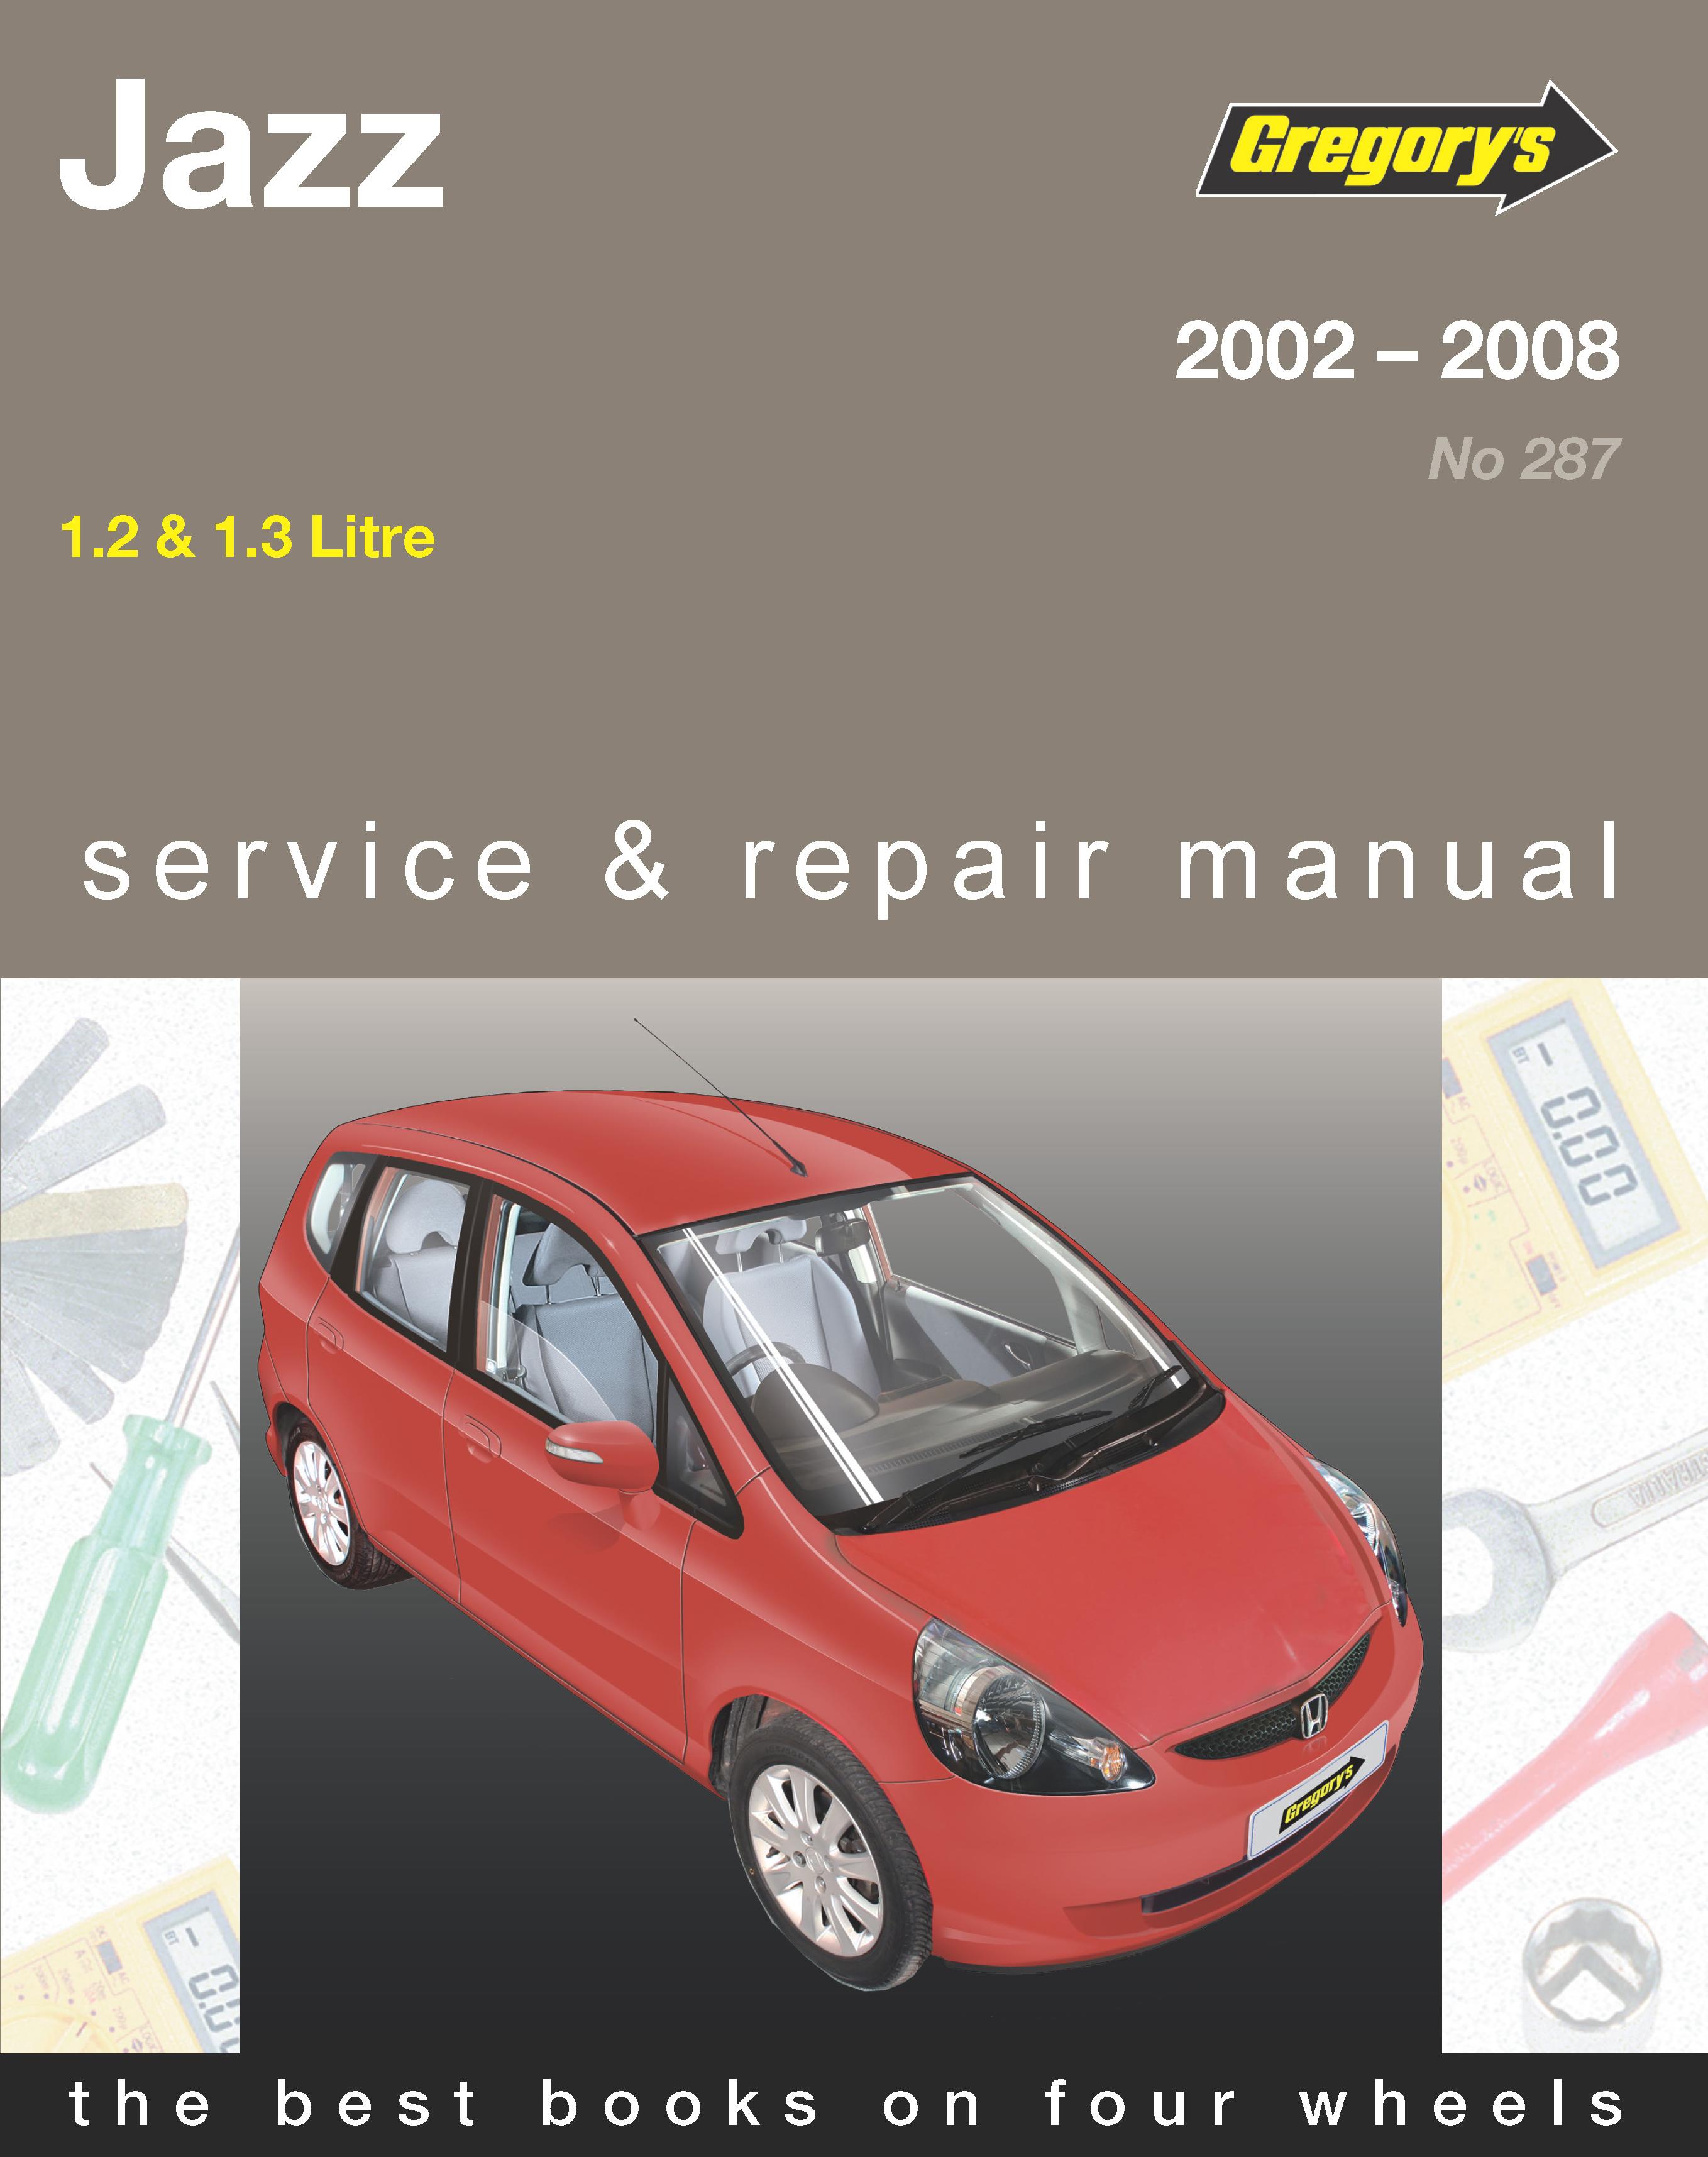 ... Honda Jazz (02 - 08) Gregorys Repair Manual. Enlarge ...